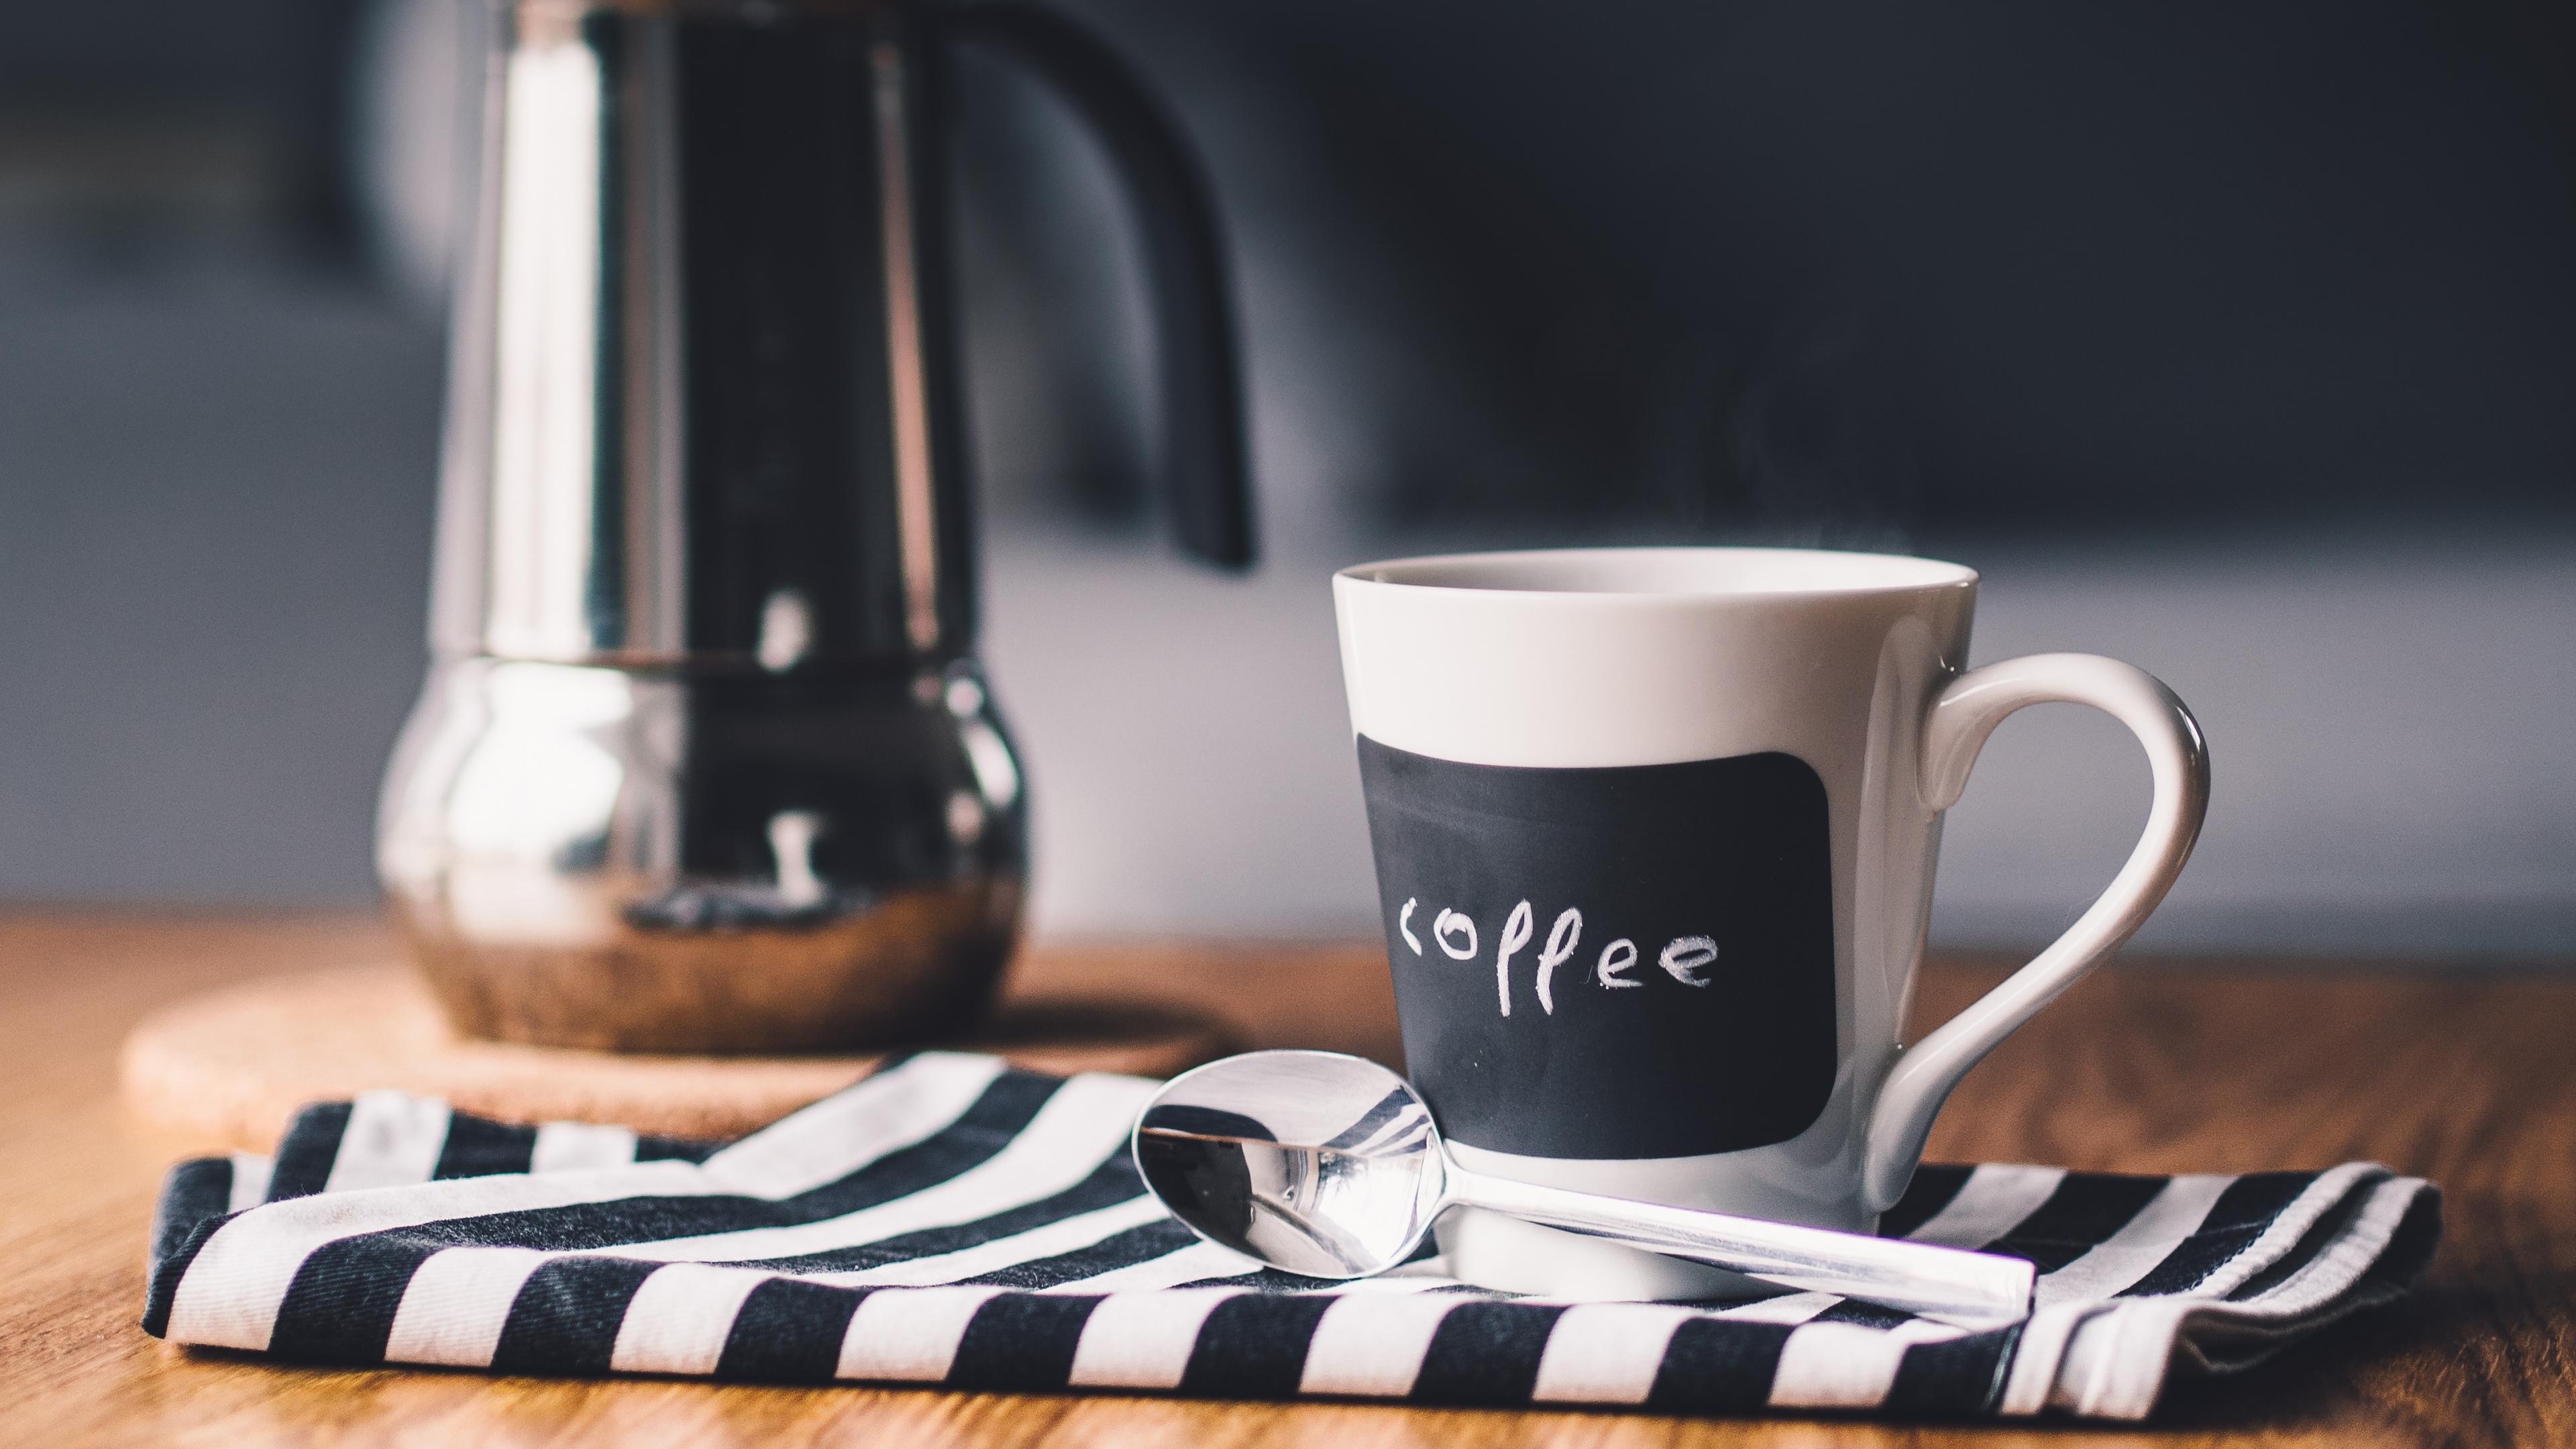 Чашка кофе после плохой ночи поднимет уровень глюкозы в крови